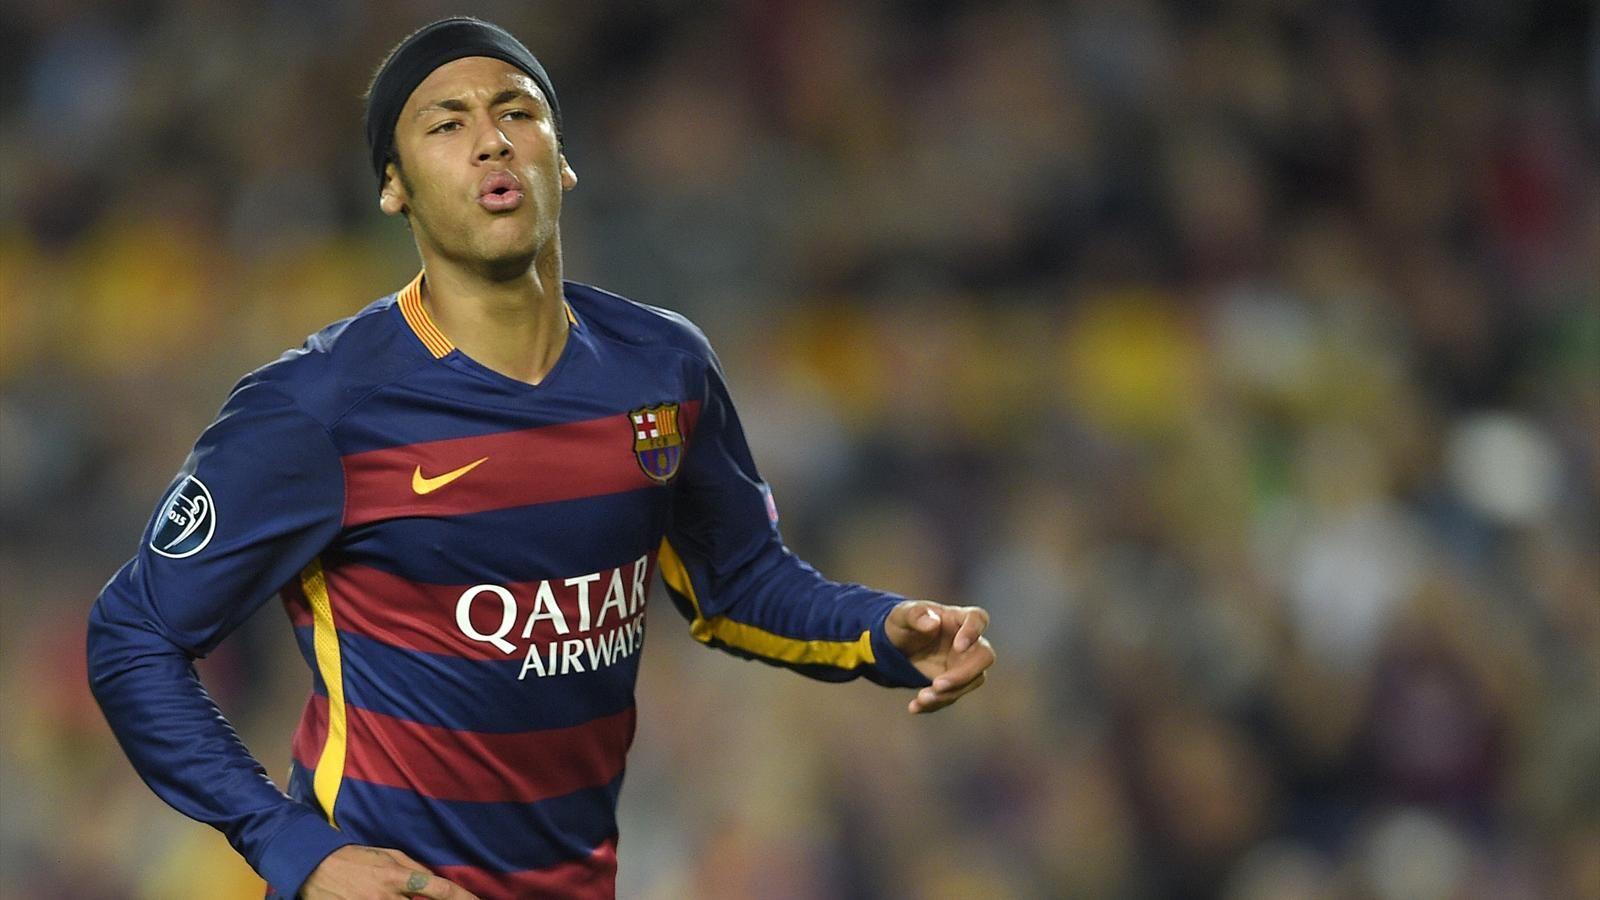 «Реал» готов продать Криштиану Роналду, чтобы платить Неймару 35 миллионов